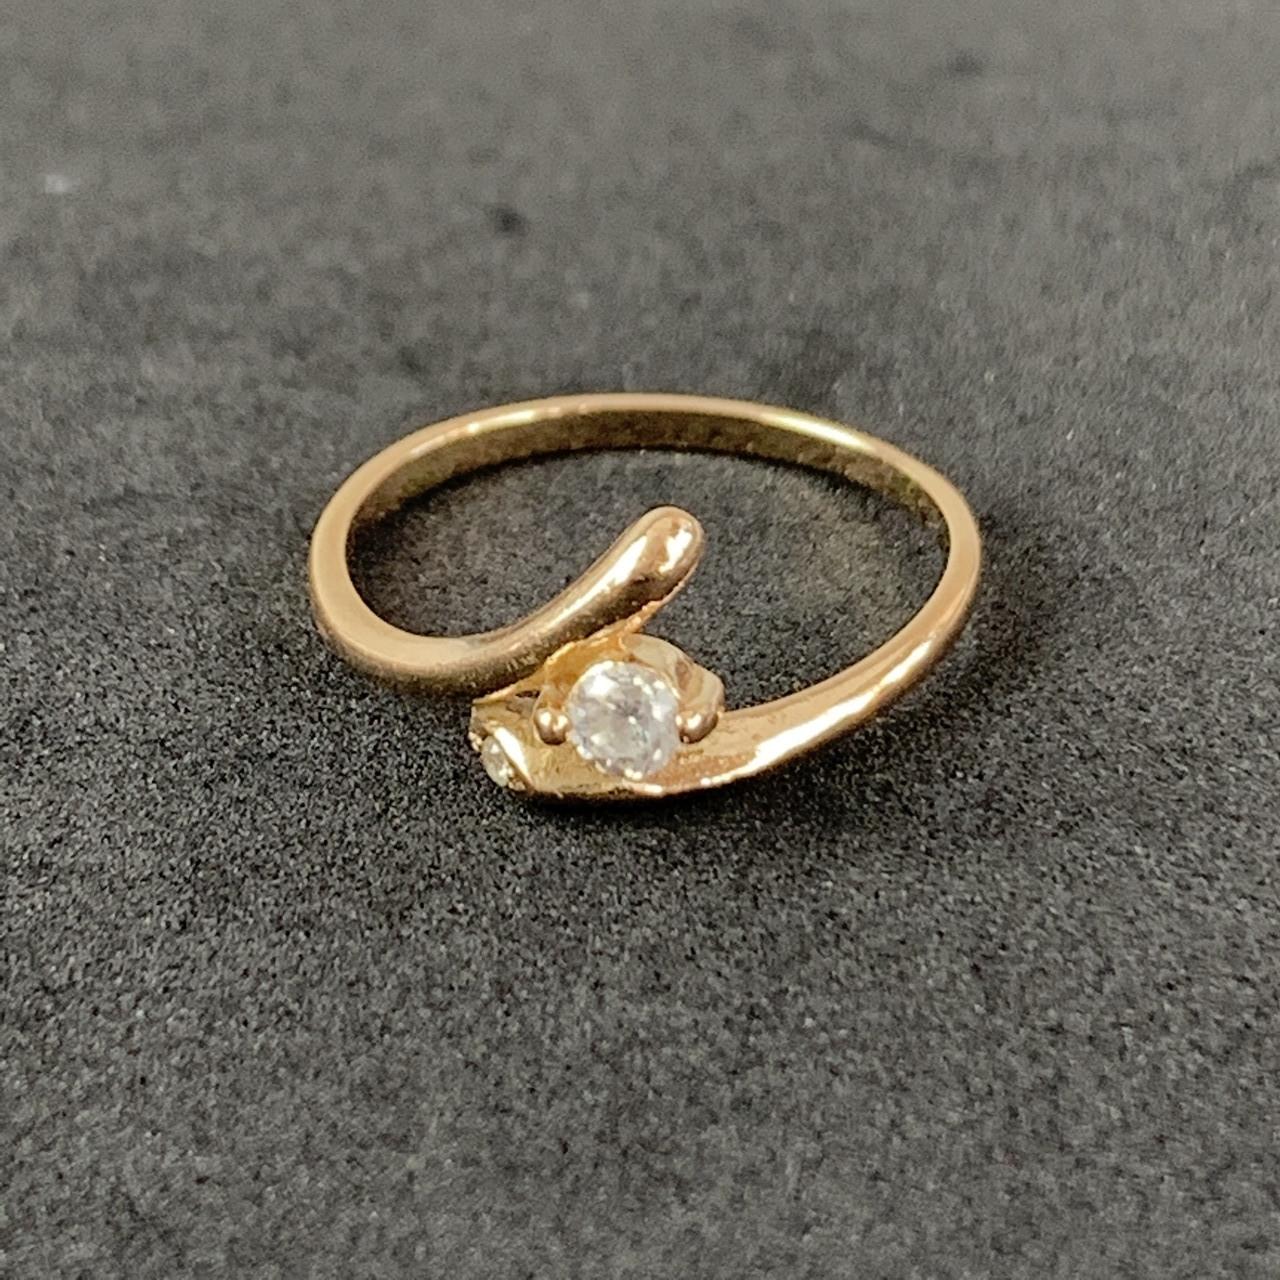 Золотое кольцо Б/У с фианитами 583 пробы, вес 1.83 г